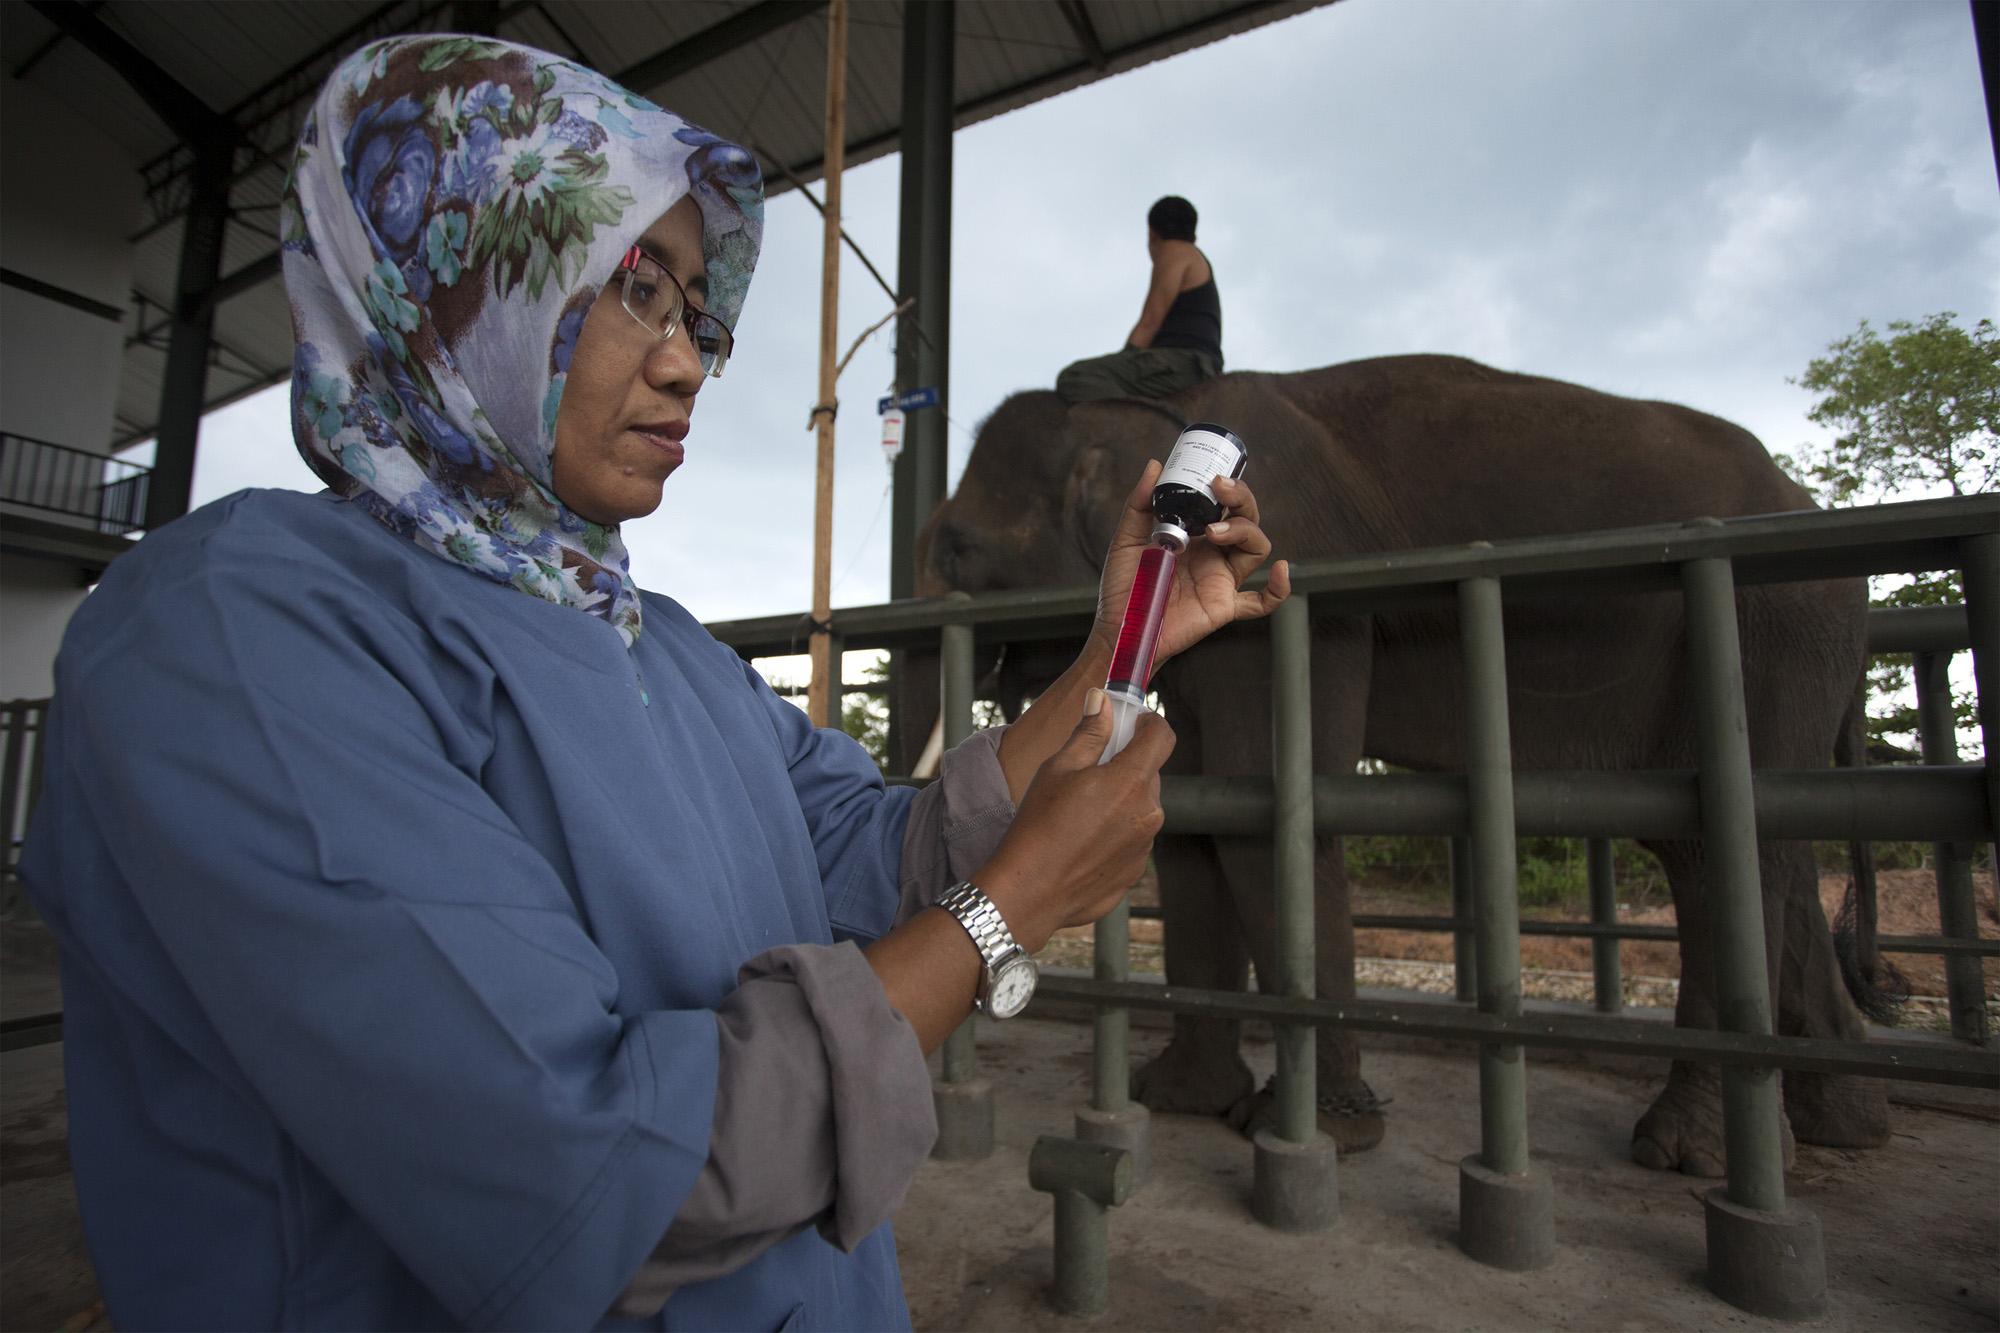 Dokter Menyiapkan Alat Suntik Saat Menanggani Gajah Yang Sakit Di